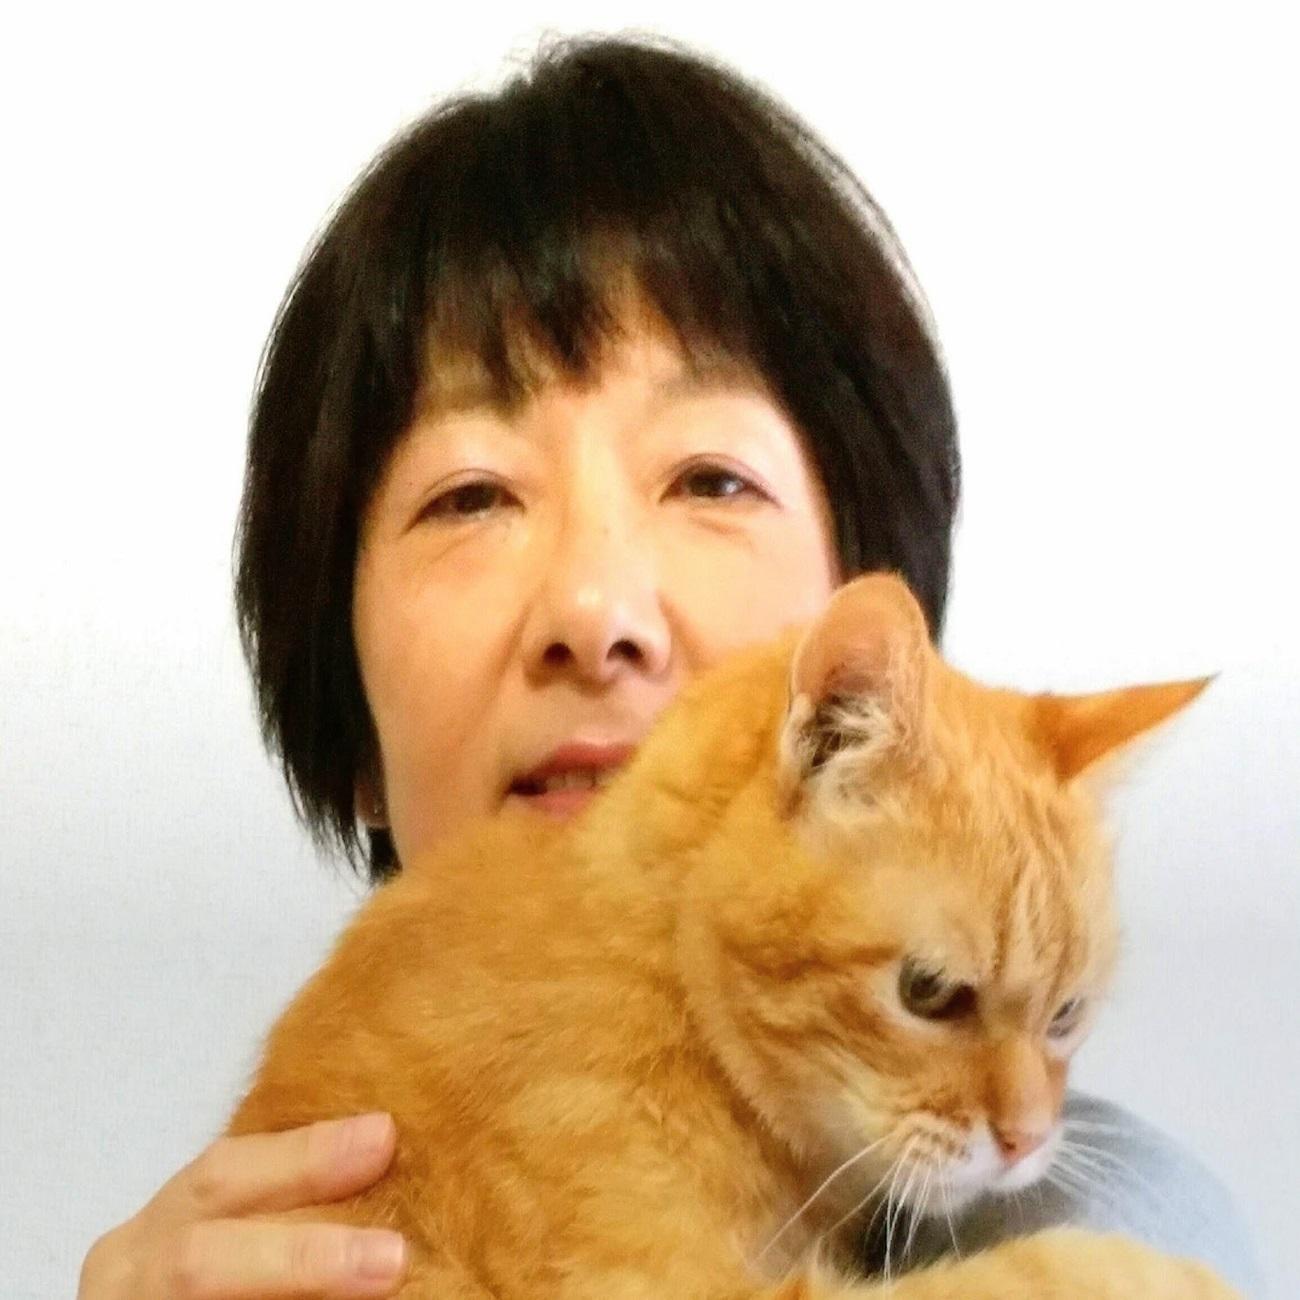 伊藤さんの画像